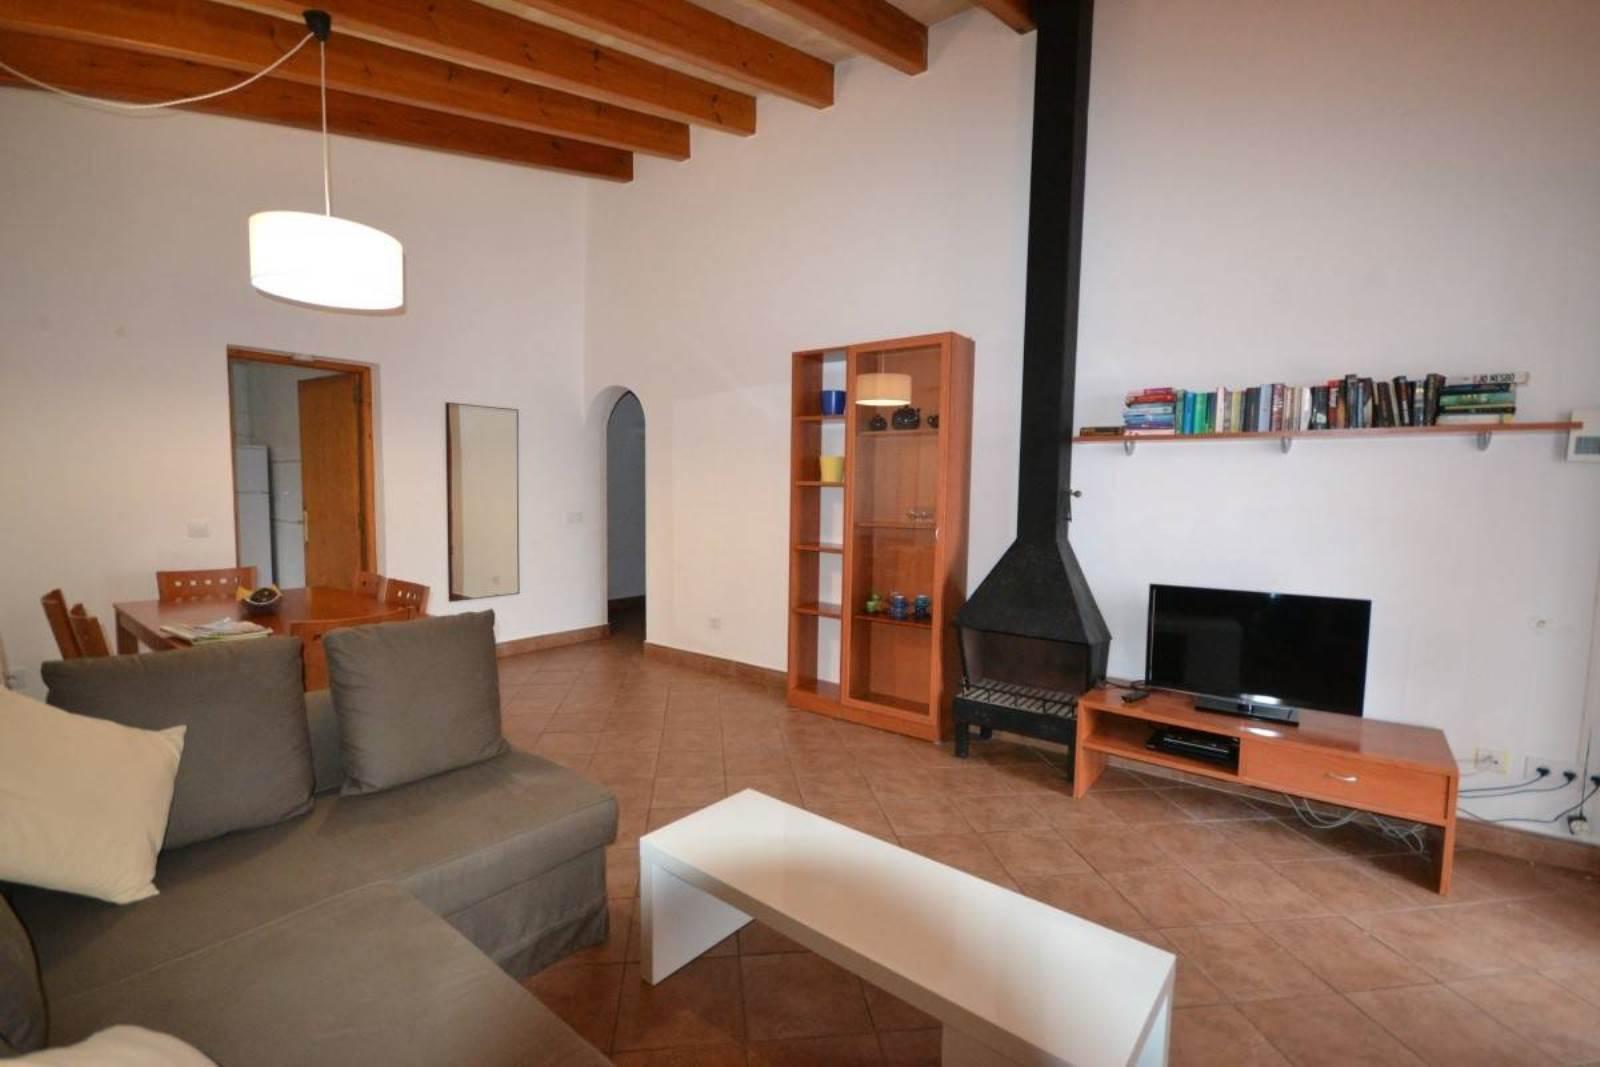 Villa in the front line to the sea in Cap-Dartruix in Menorca